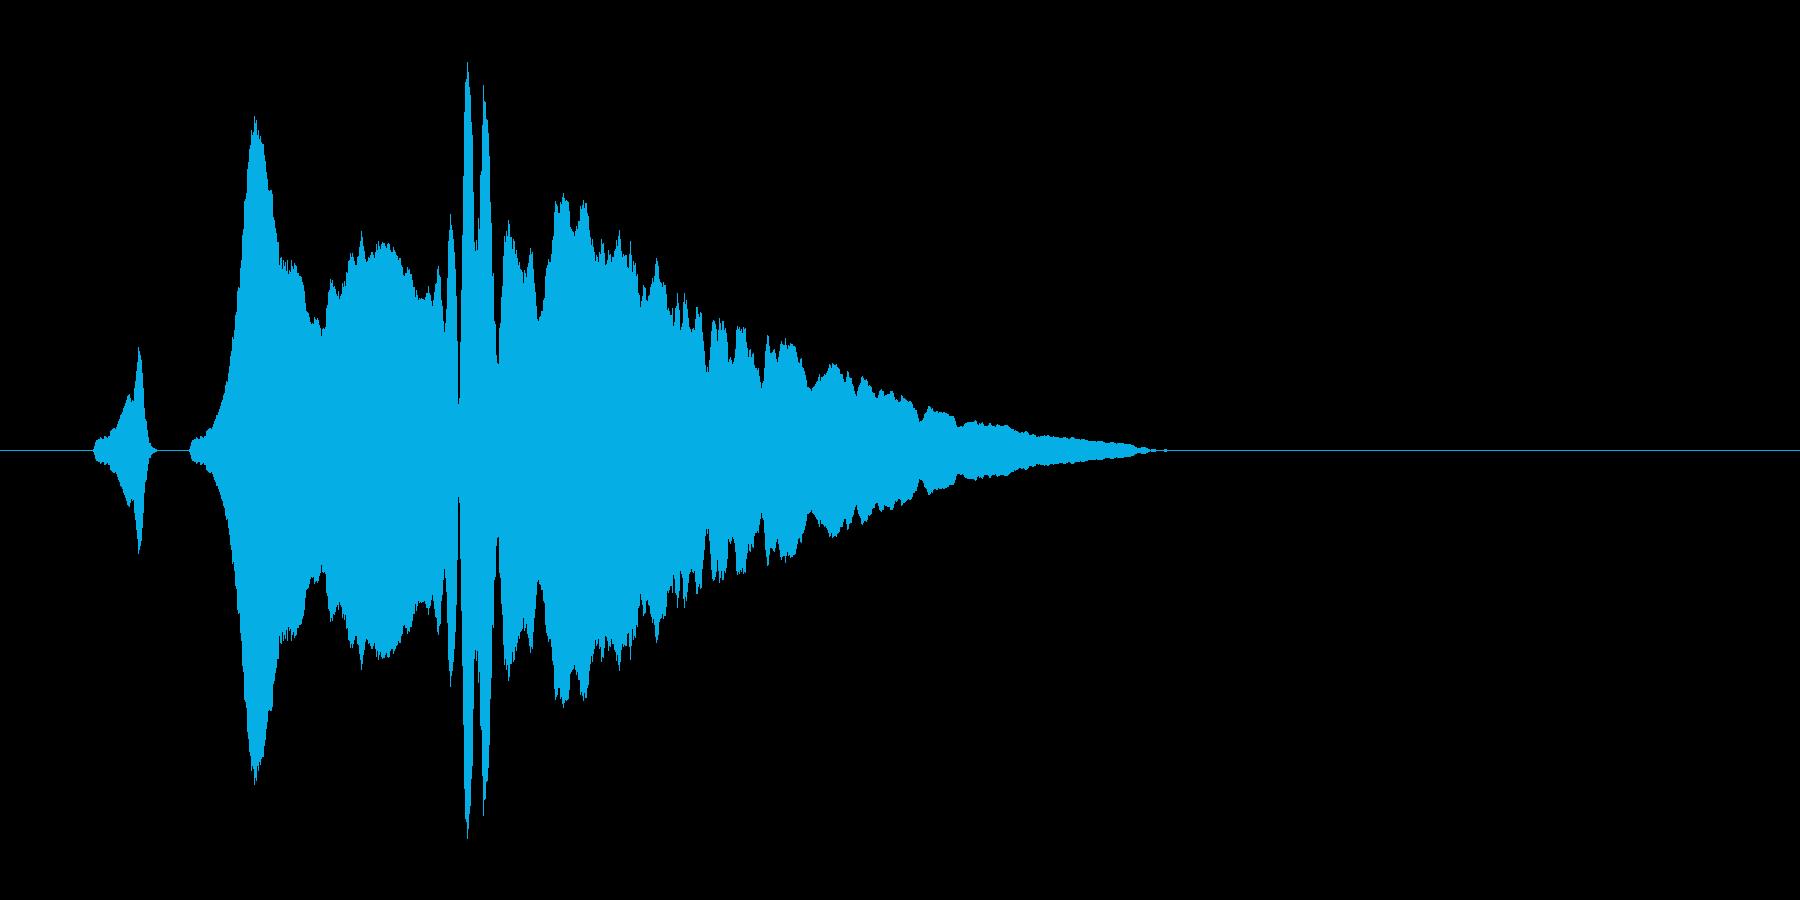 かわいい感じのスワイプ音。「ヒュイッ」の再生済みの波形